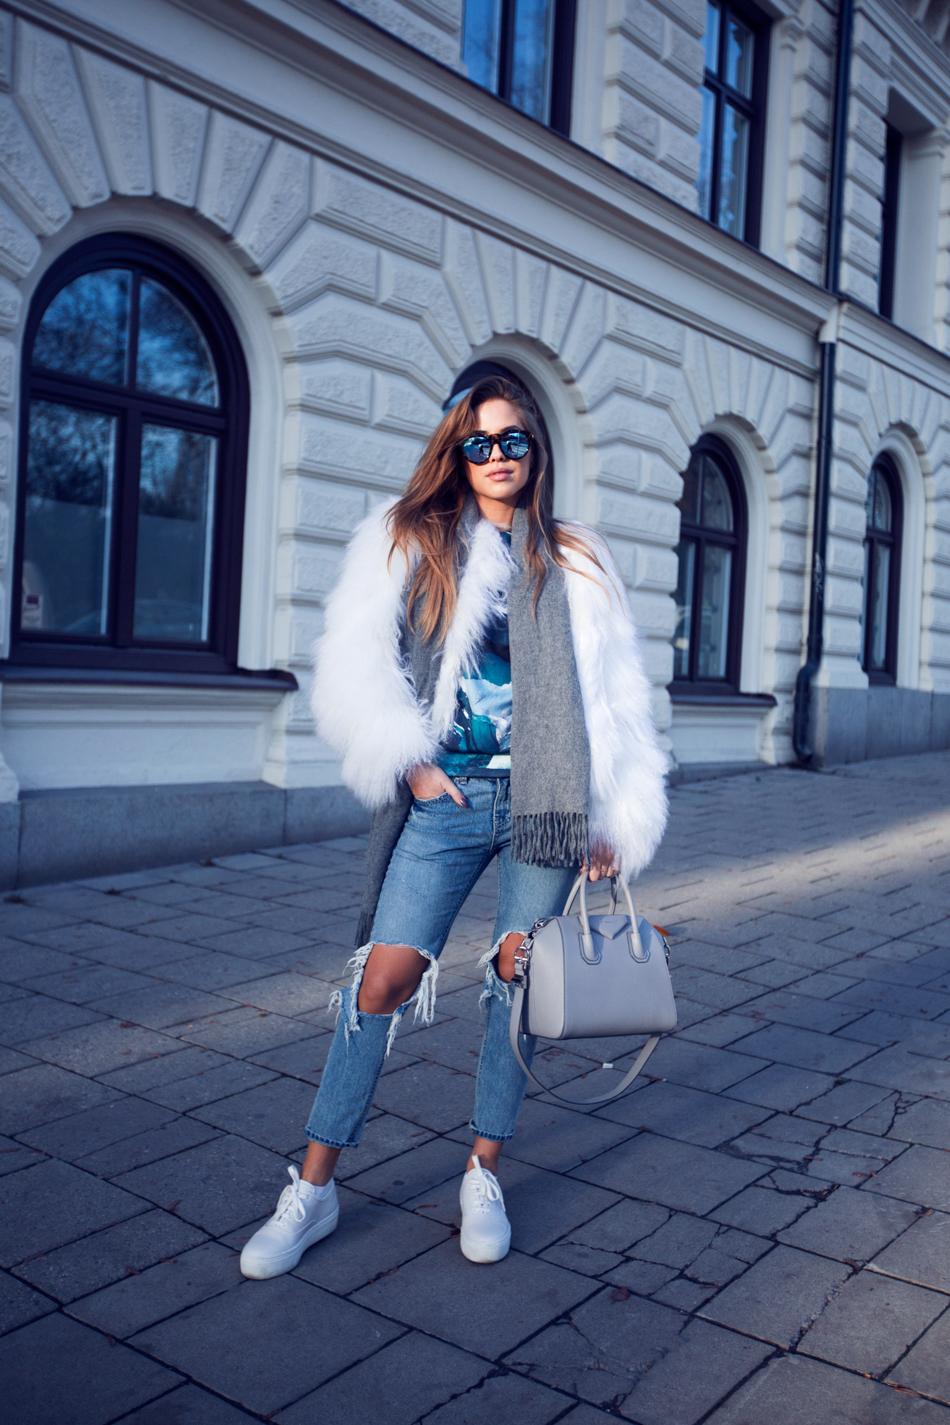 Kenza Zouiten - Ripped Jeans + White Faux Fur Coat + Givenchy Antigona Bag